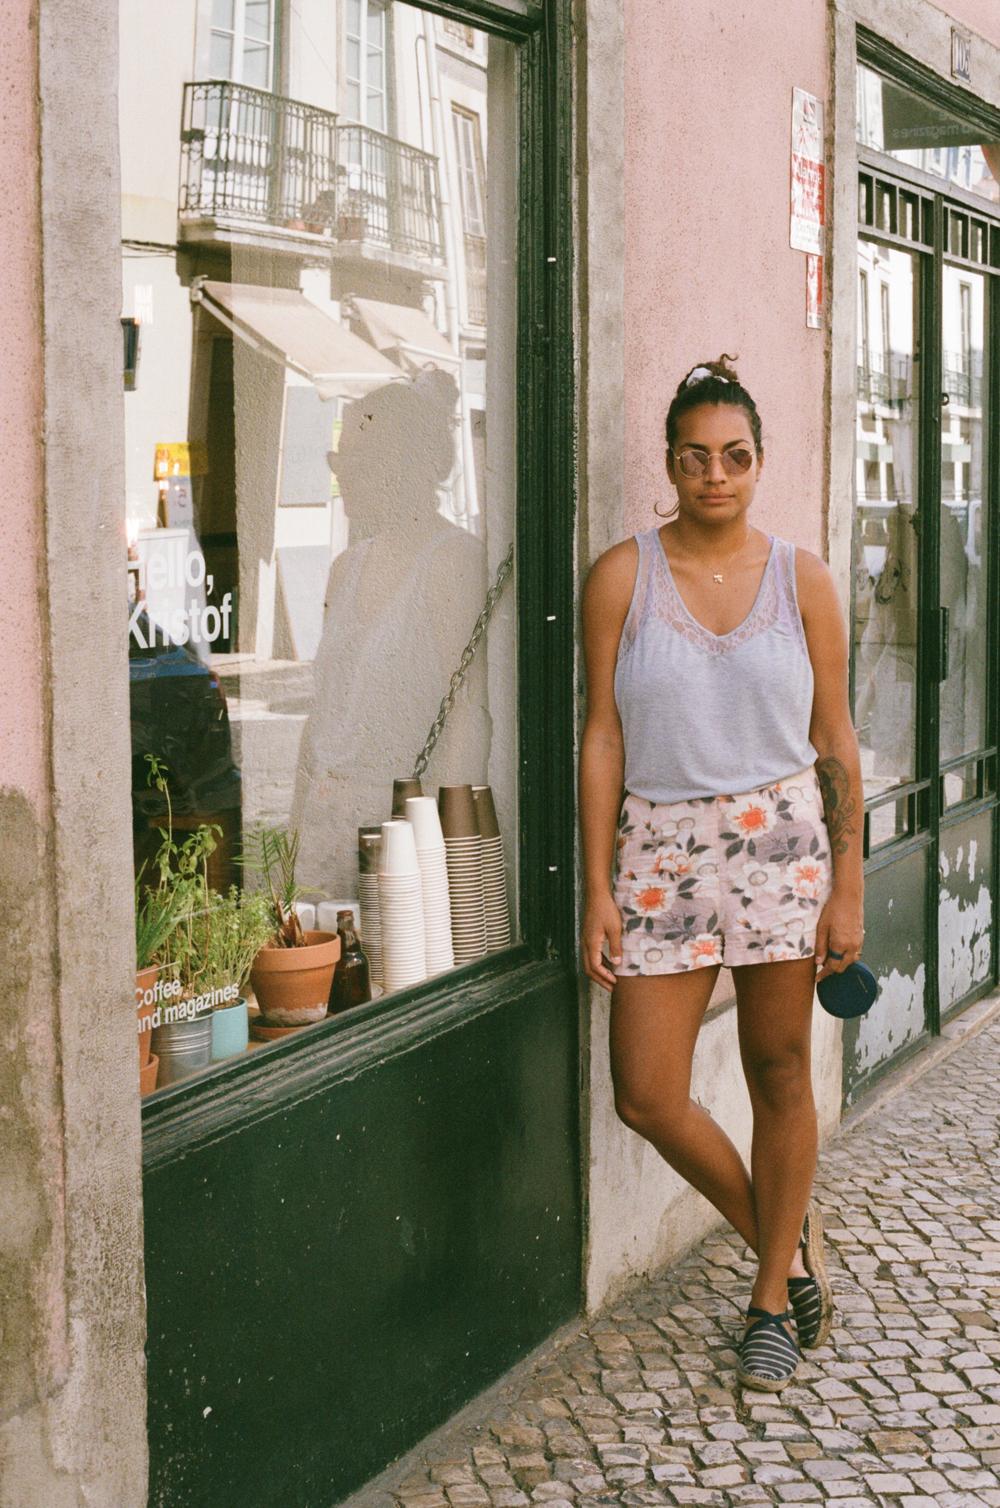 Portugal_2018-36_resize.jpg